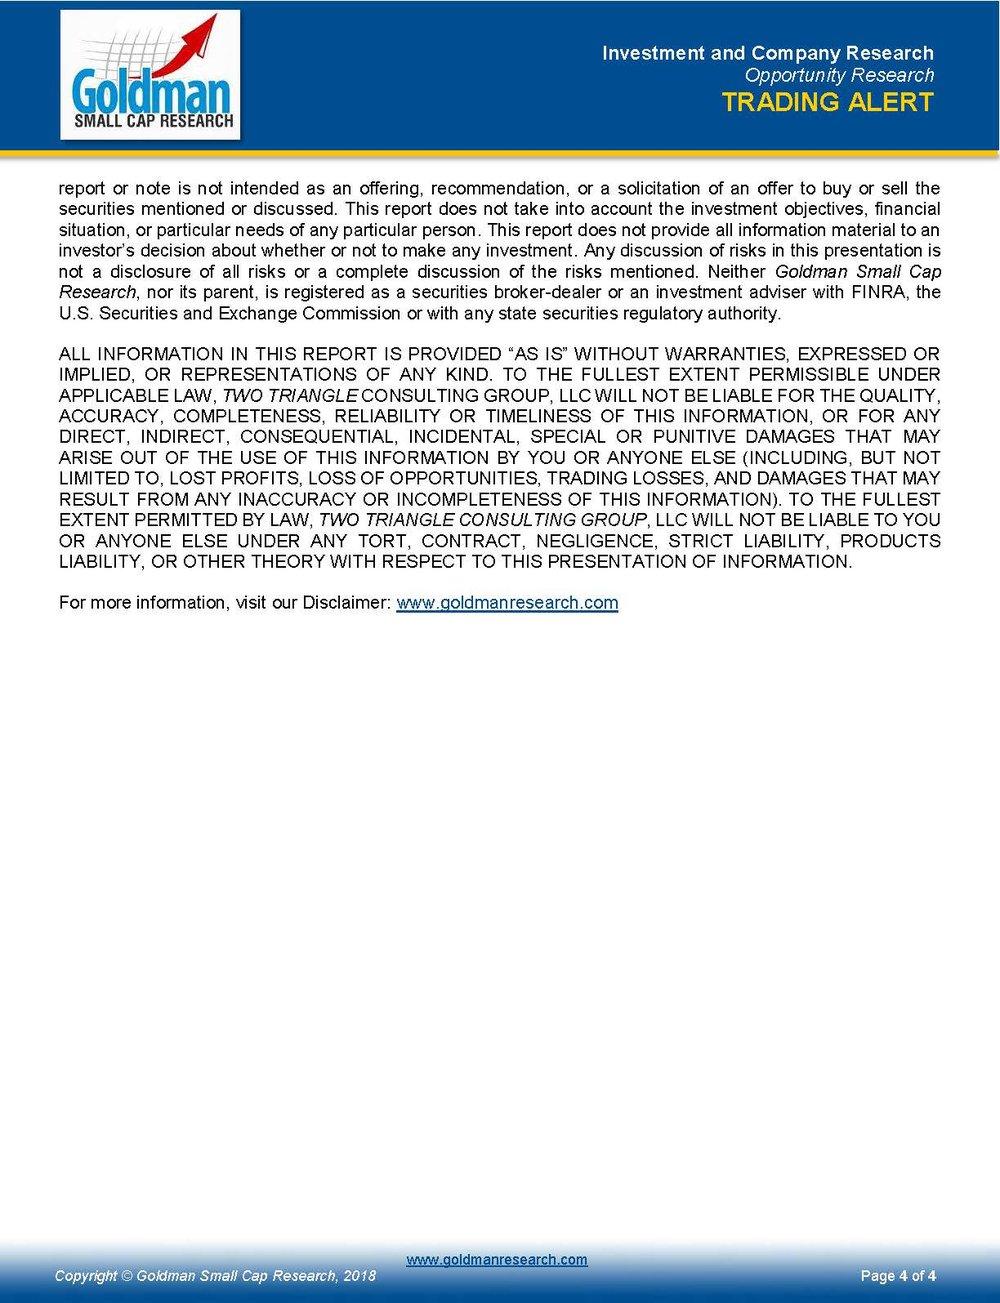 PURA 10.22.18 [1]_Page_4.jpg